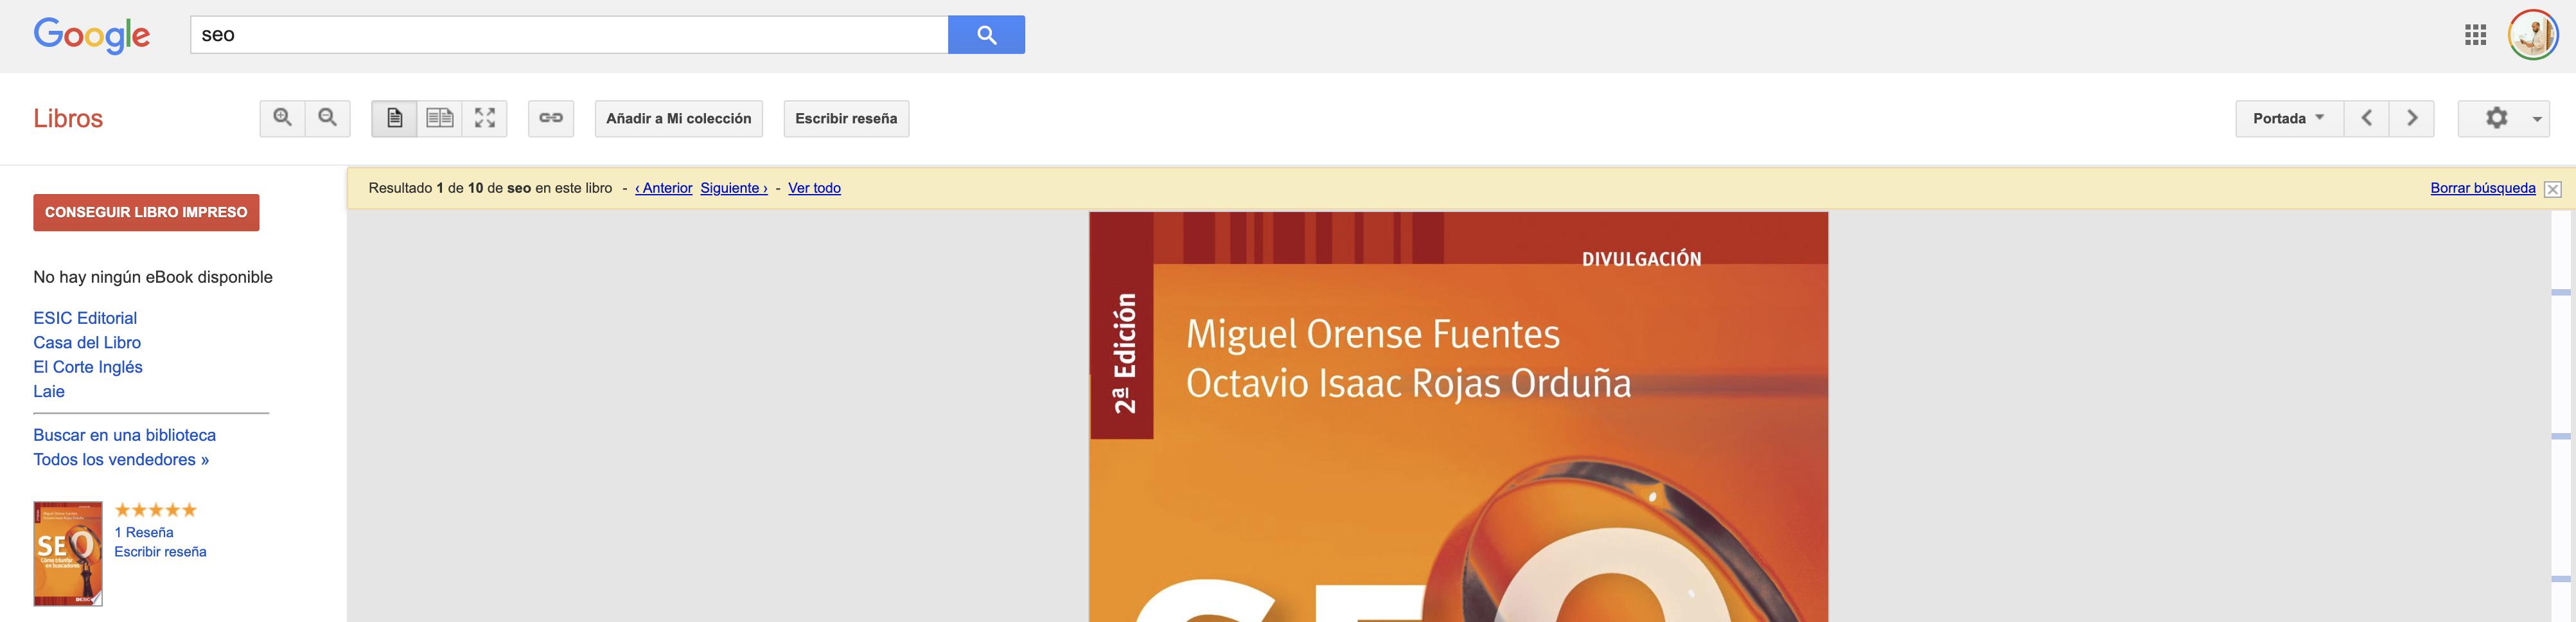 Búsqueda avanzada en Google - Libros